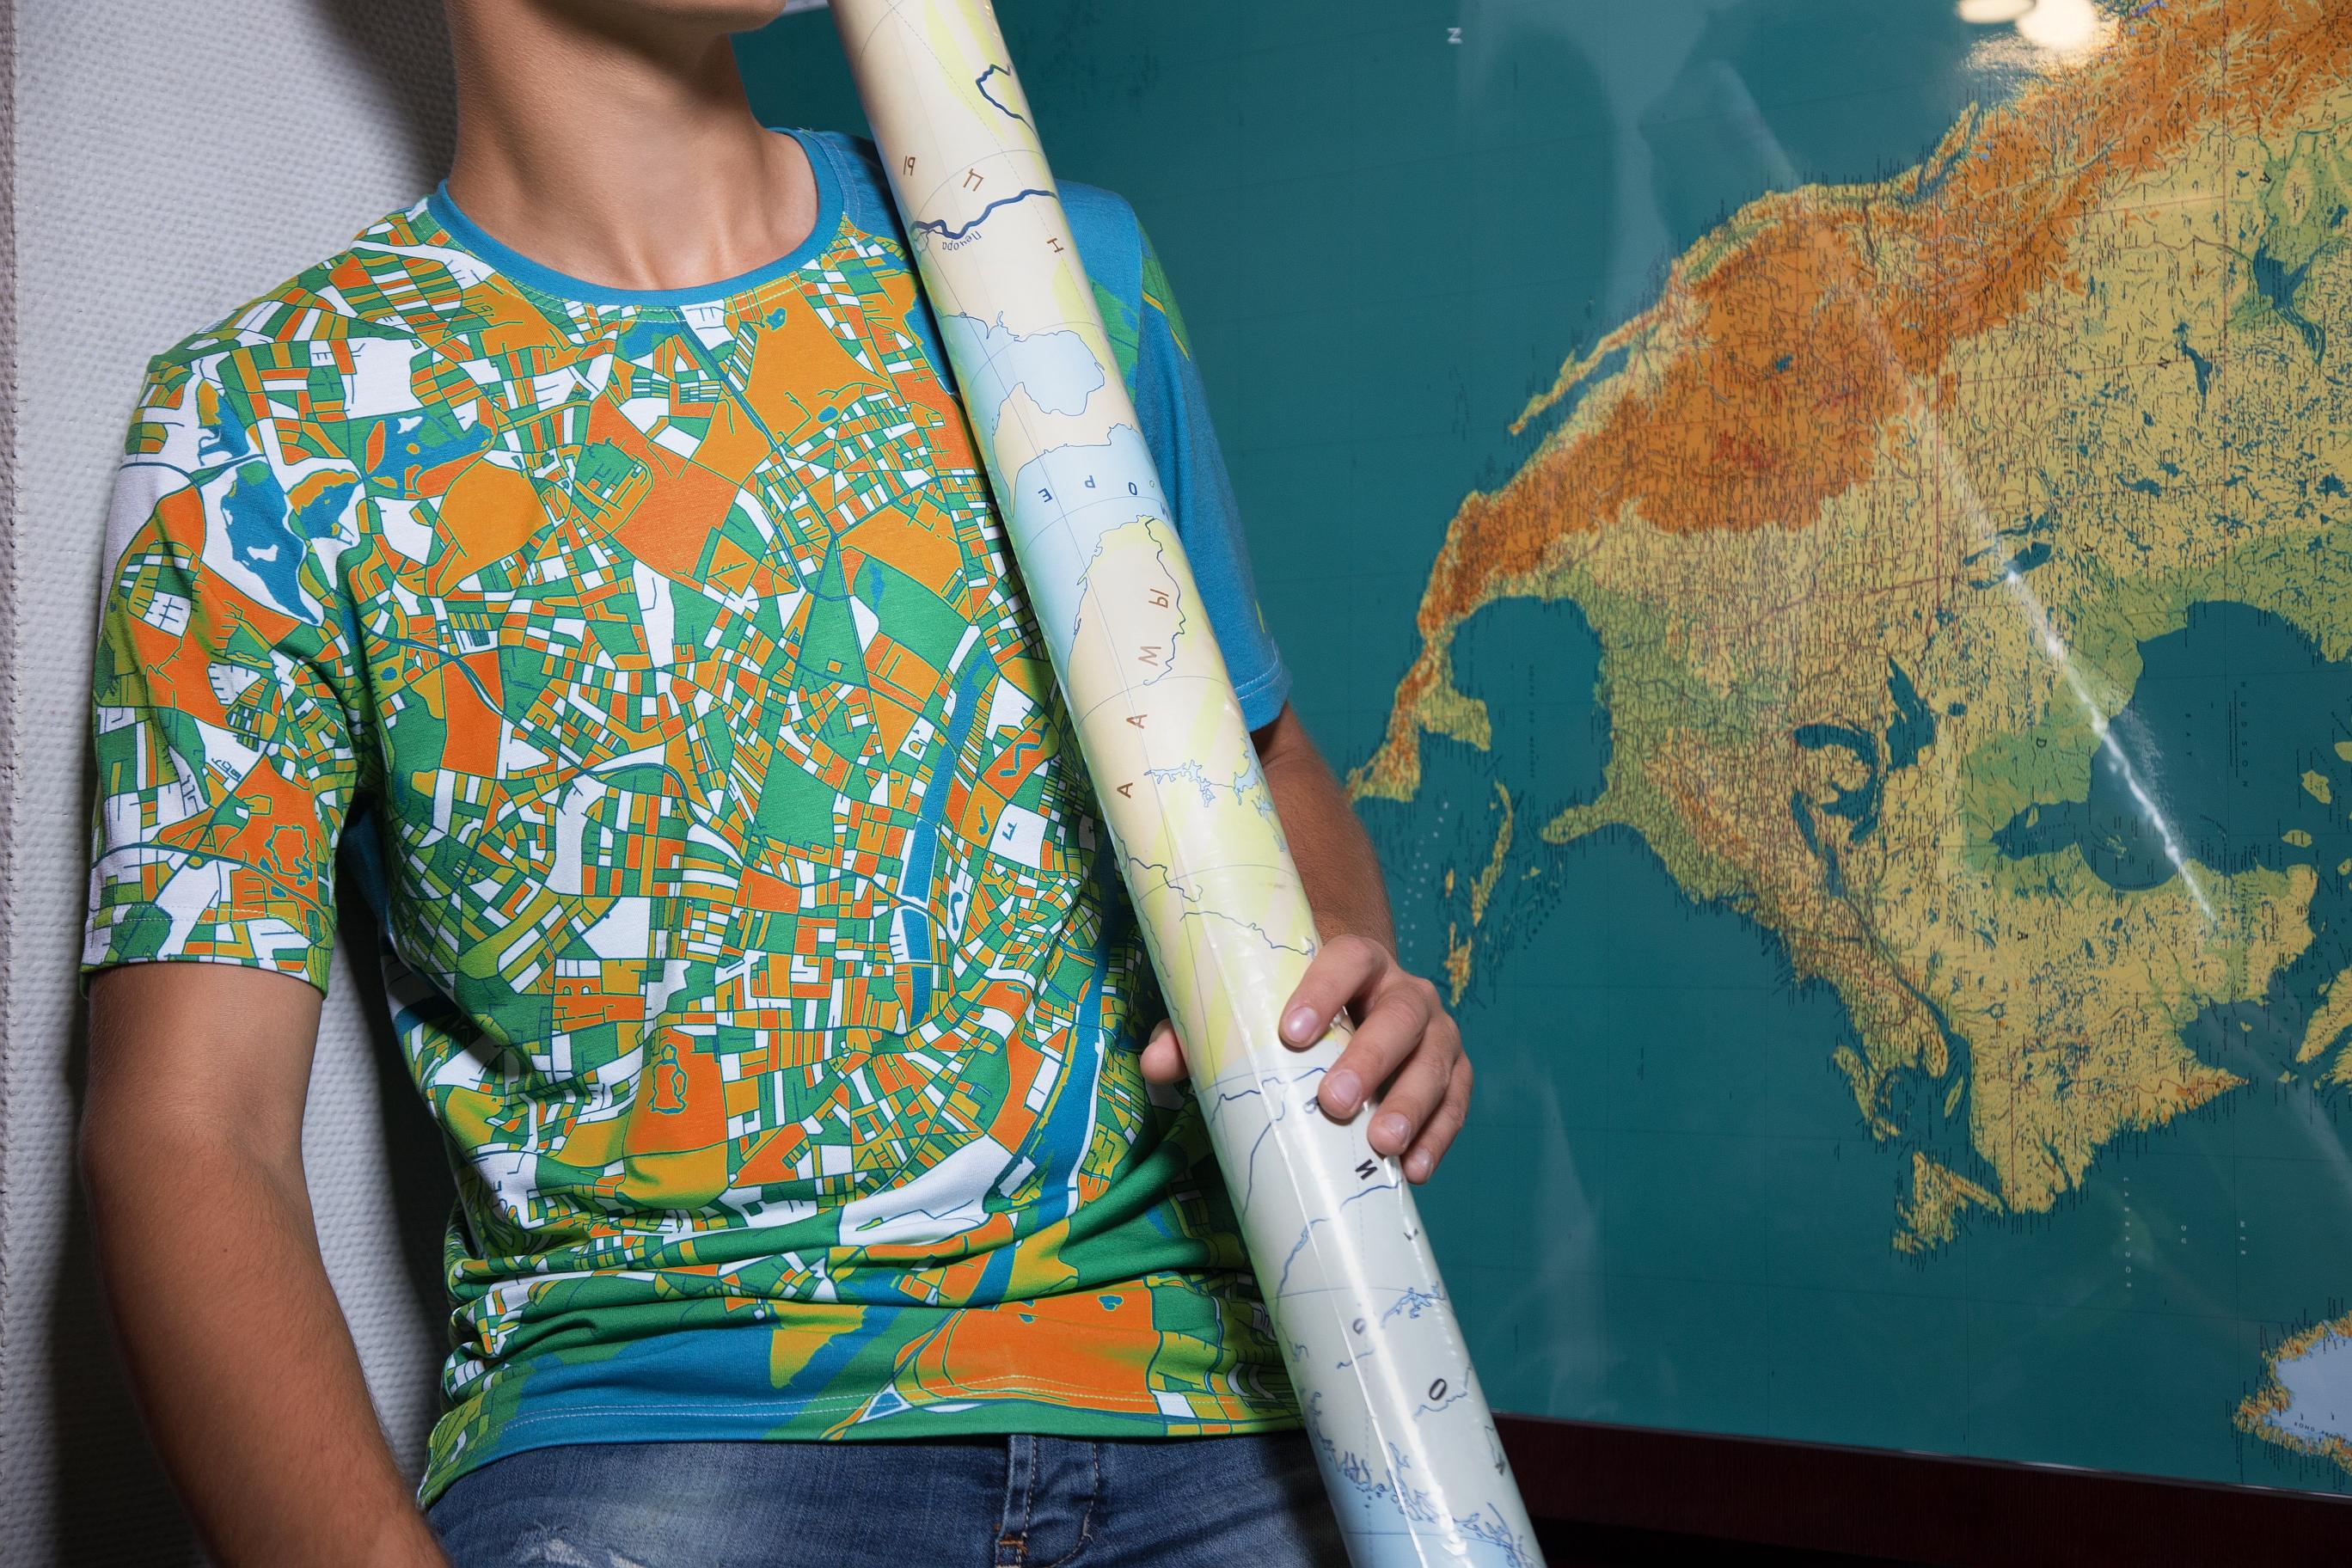 Shirt design press - Product Photos And Screenshots